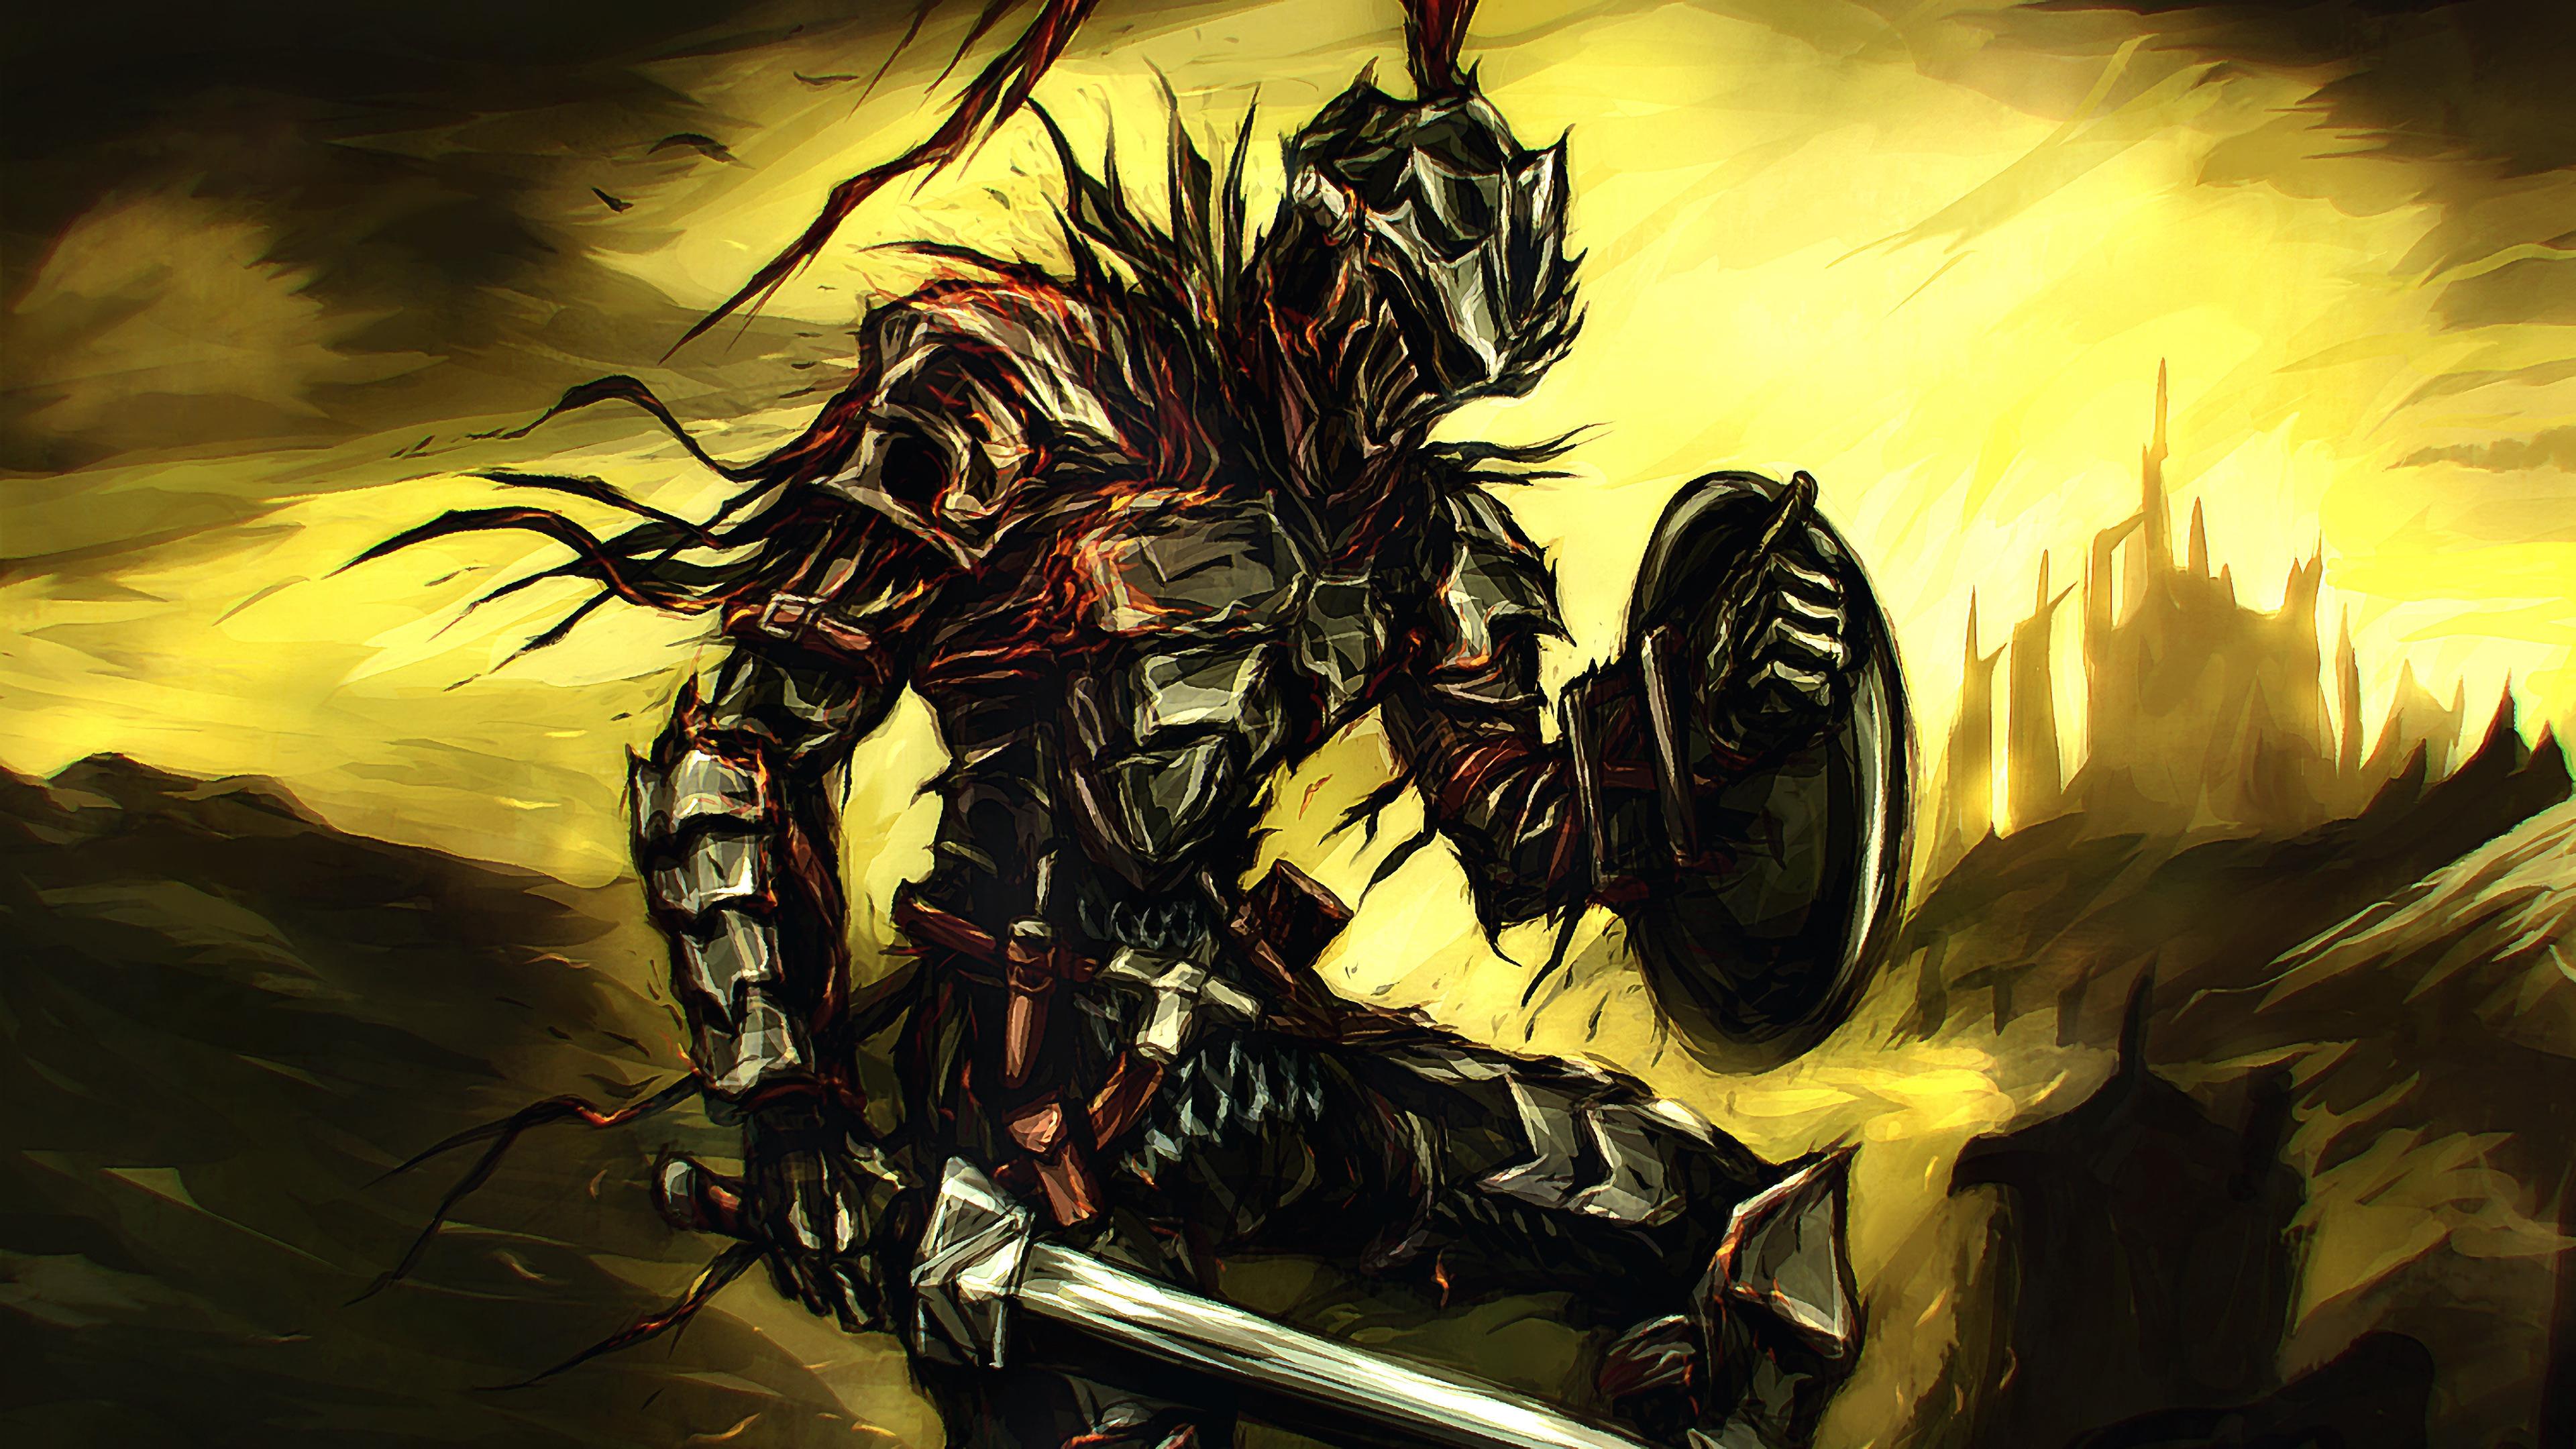 Goblin Slayer 4K Wallpaper, HD Anime 4K Wallpapers, Images ...